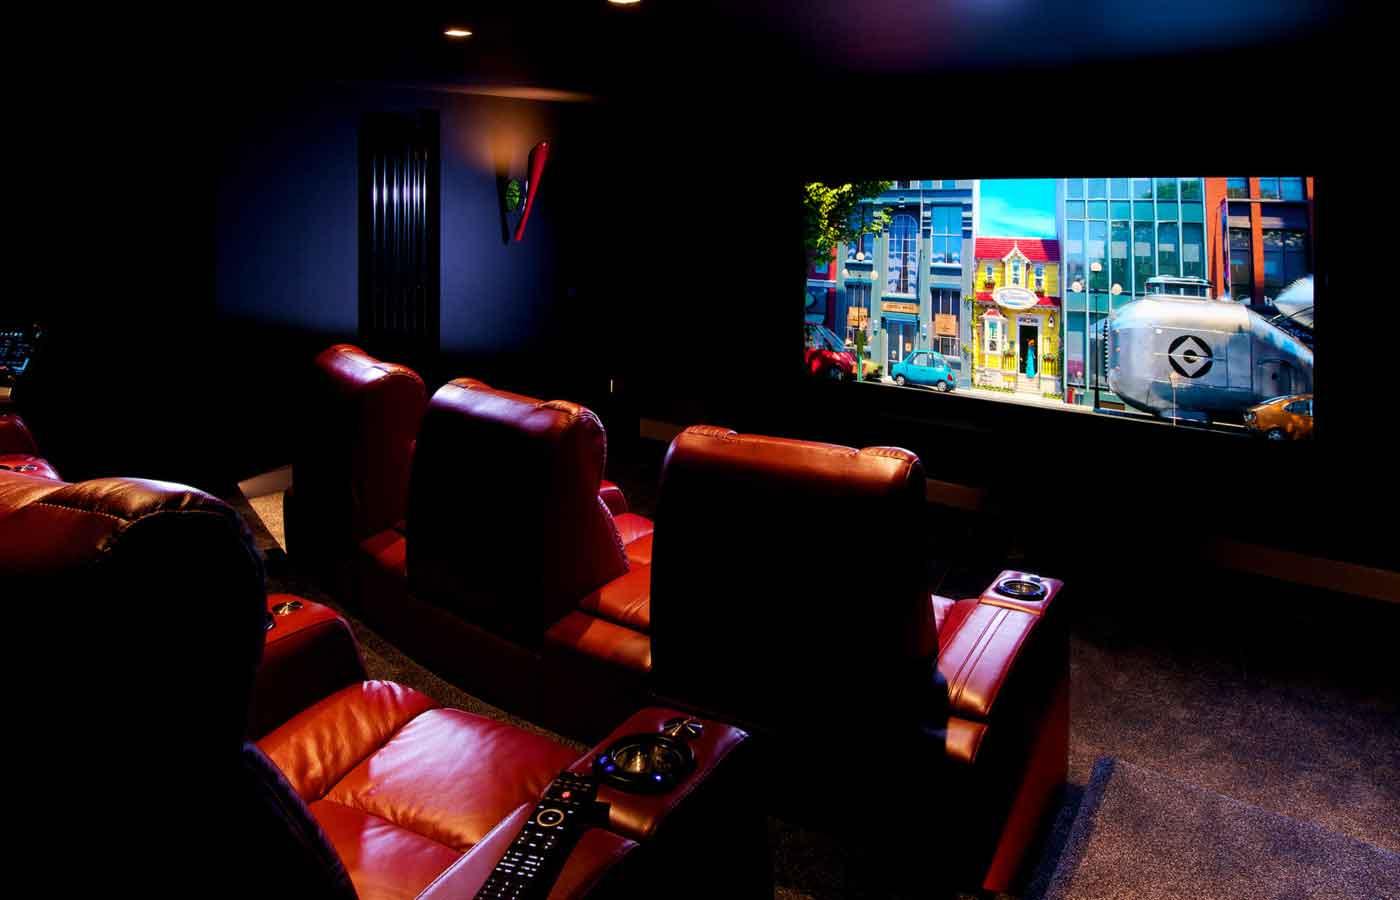 تجهیز سینمای خانگی